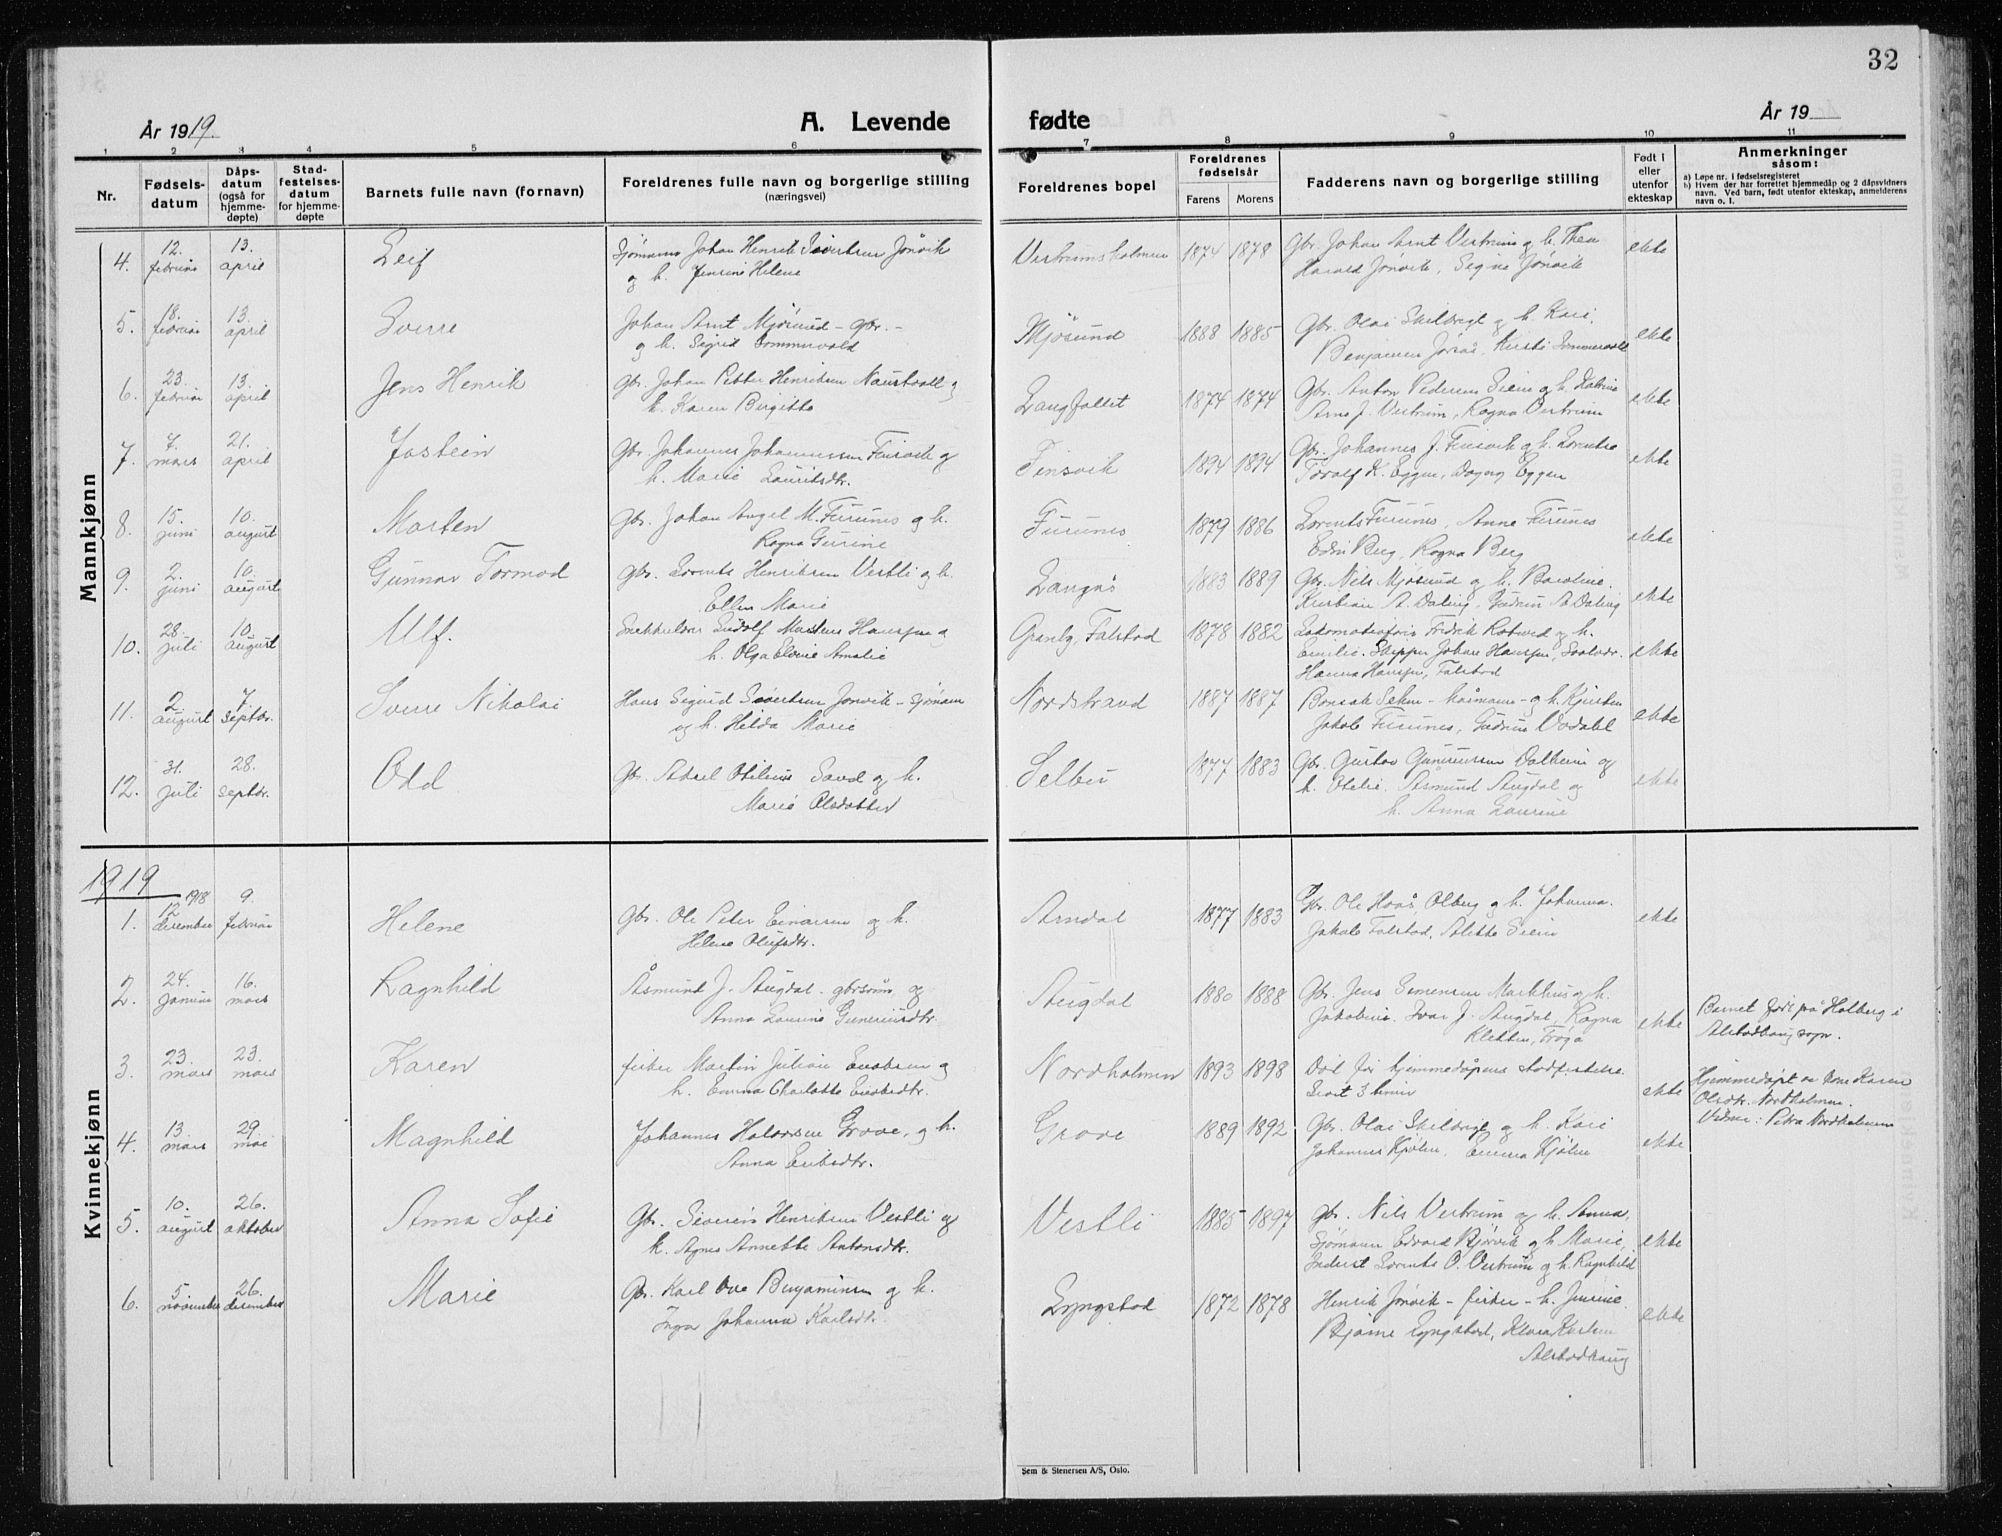 SAT, Ministerialprotokoller, klokkerbøker og fødselsregistre - Nord-Trøndelag, 719/L0180: Klokkerbok nr. 719C01, 1878-1940, s. 32